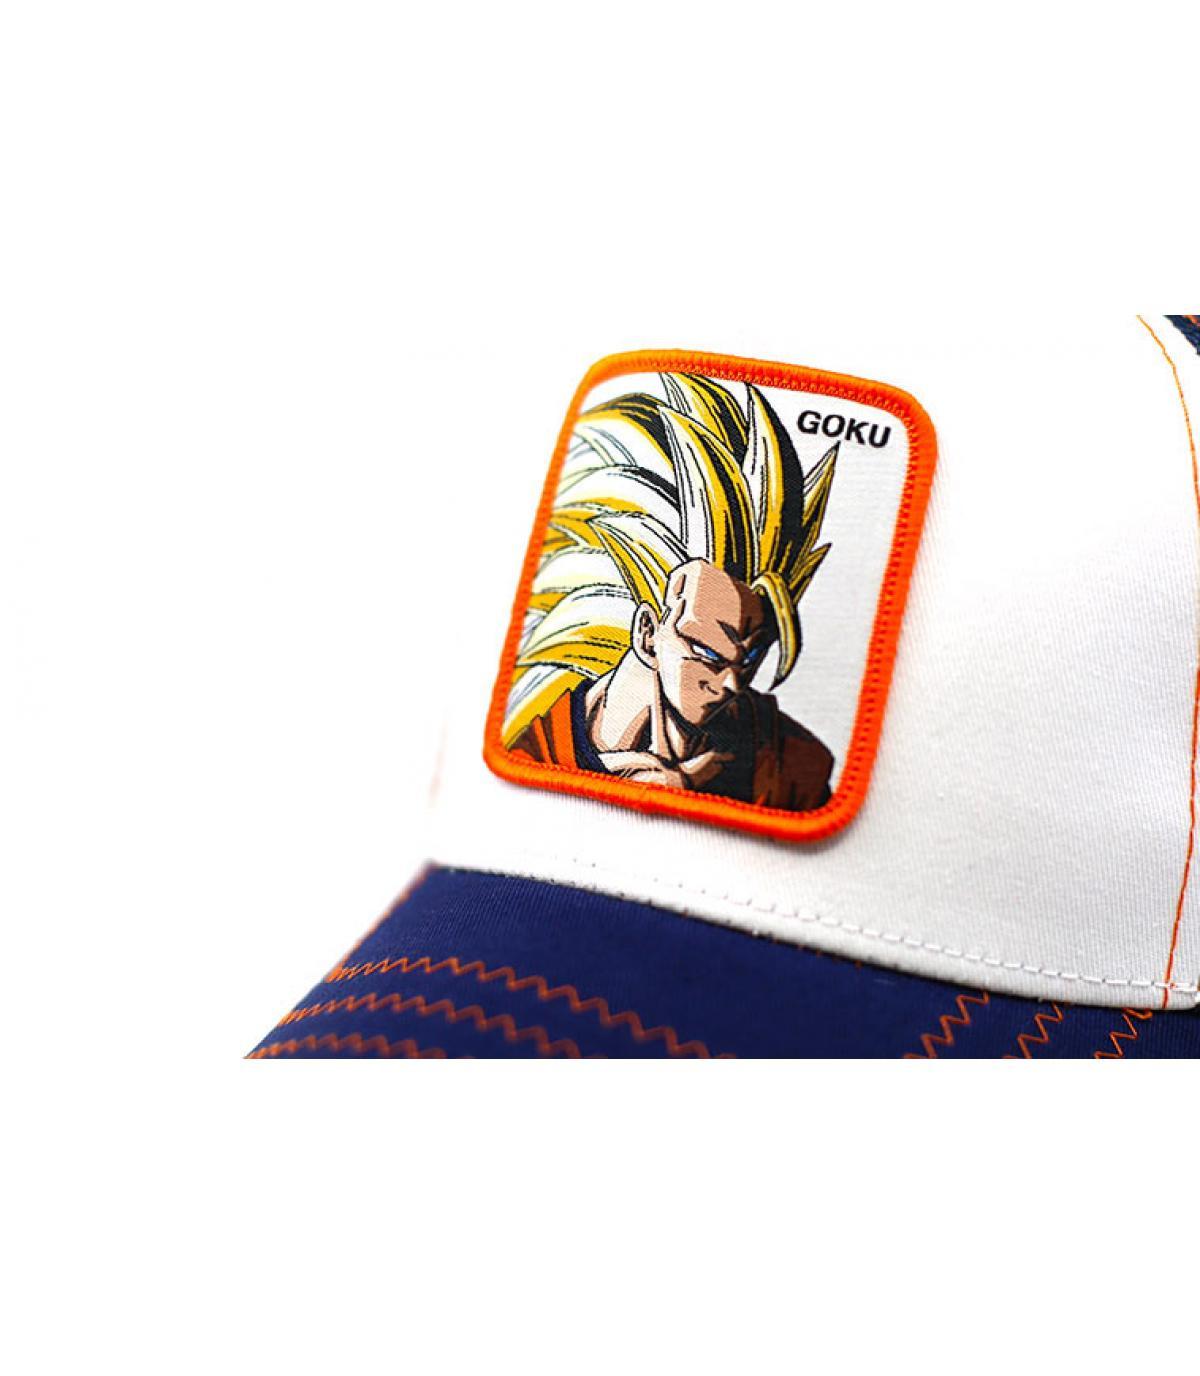 Details Trucker Son Goku Super Sayen 3 - afbeeling 3